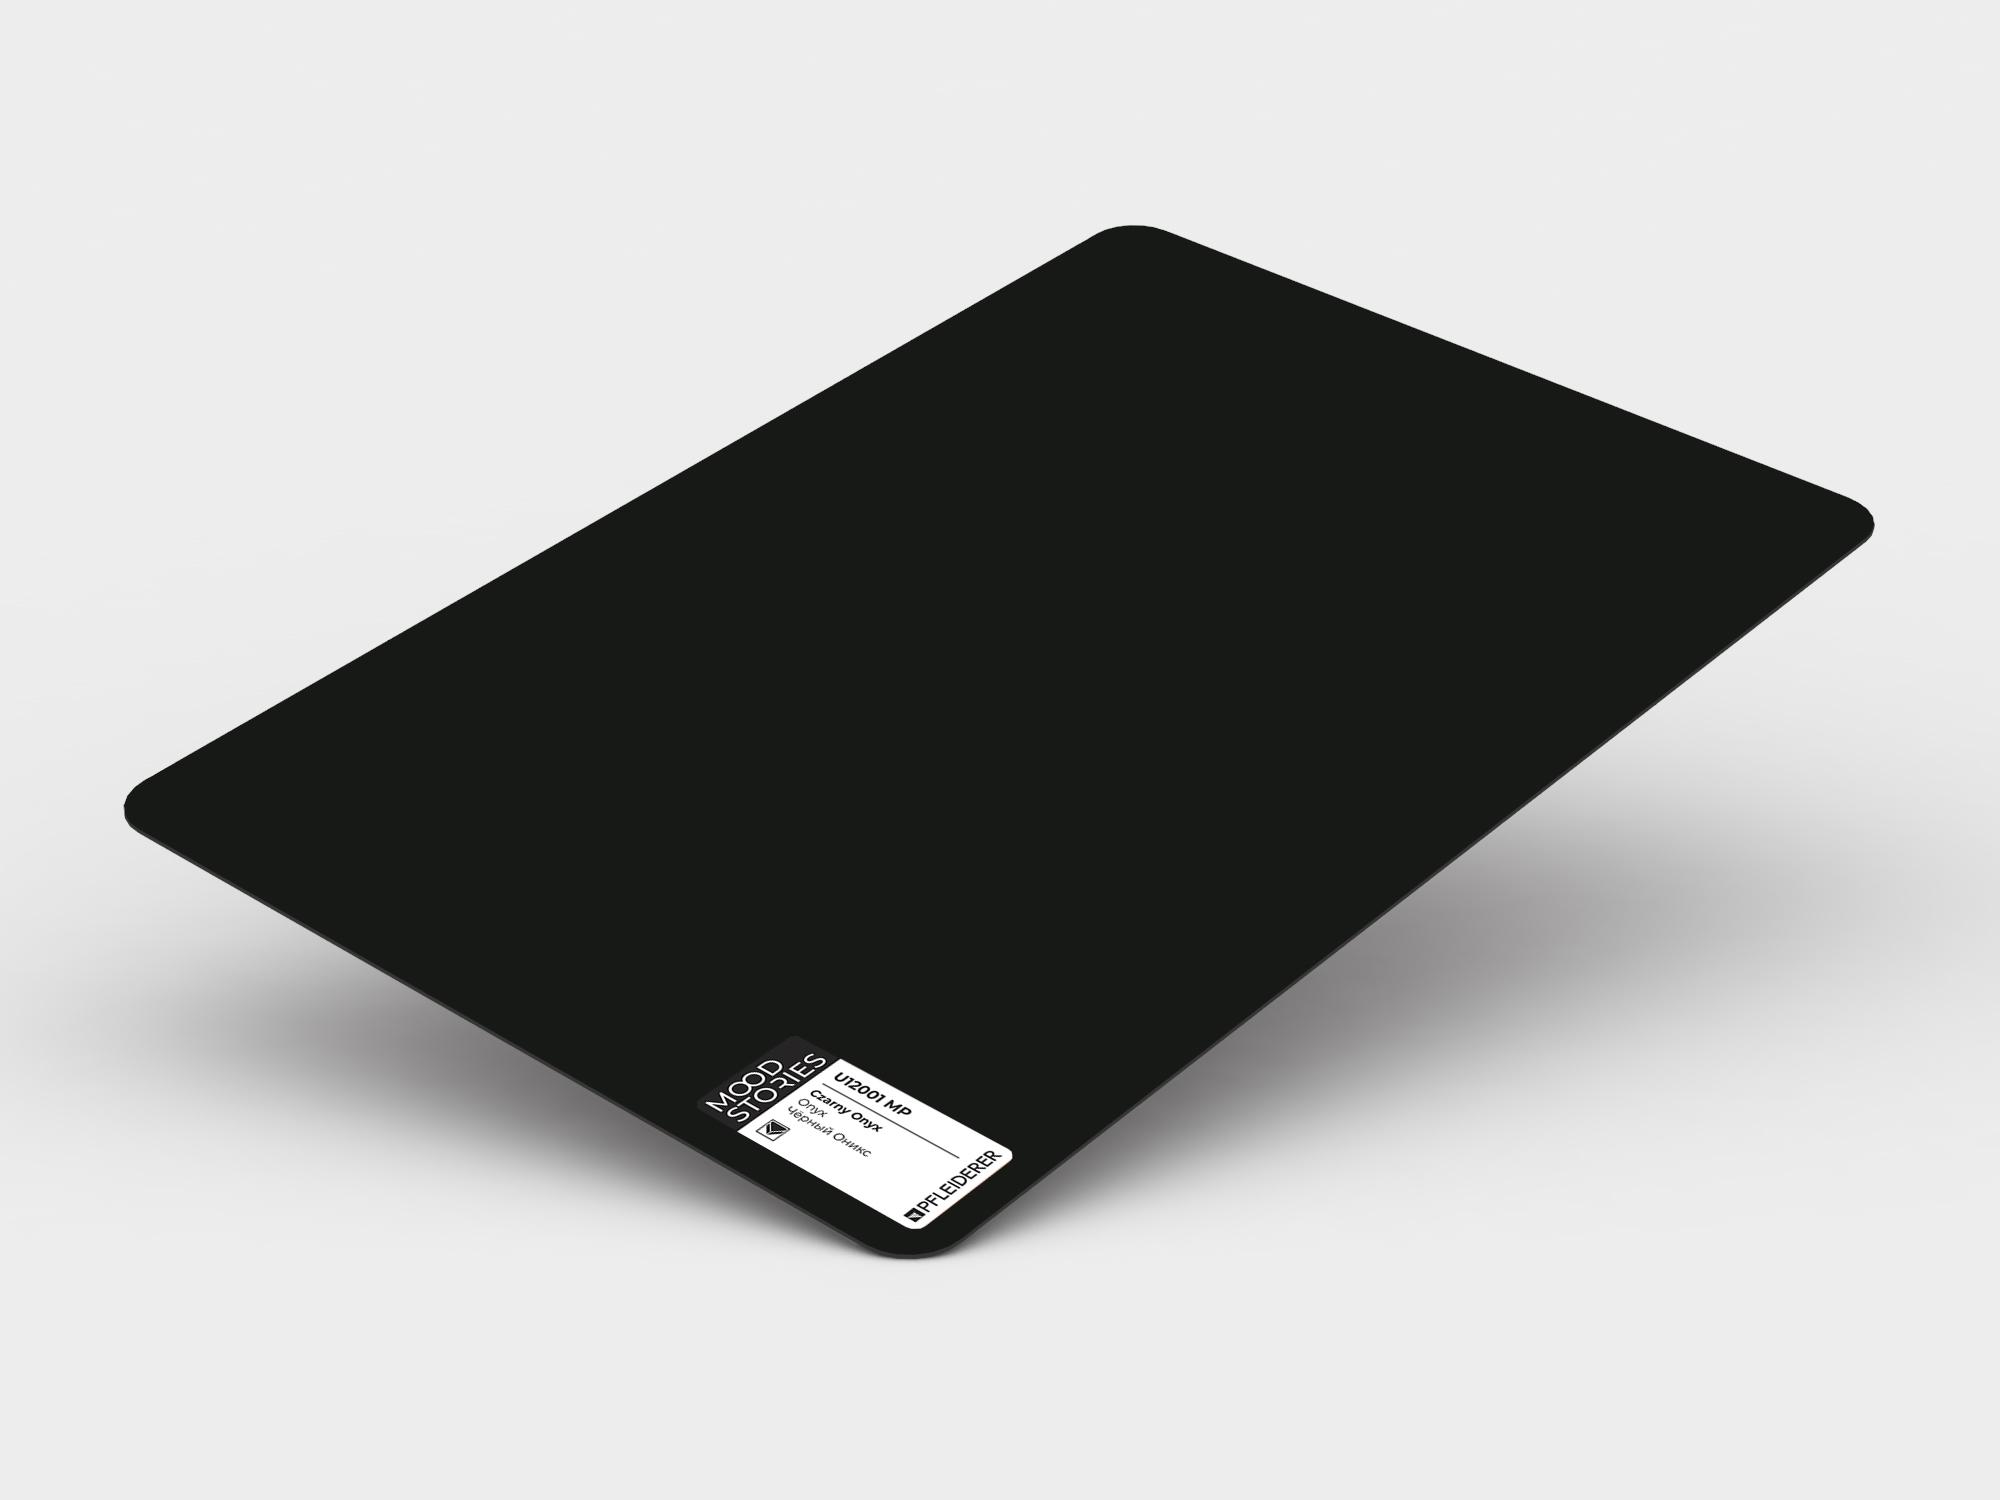 Czarny Onyx U12001 MP